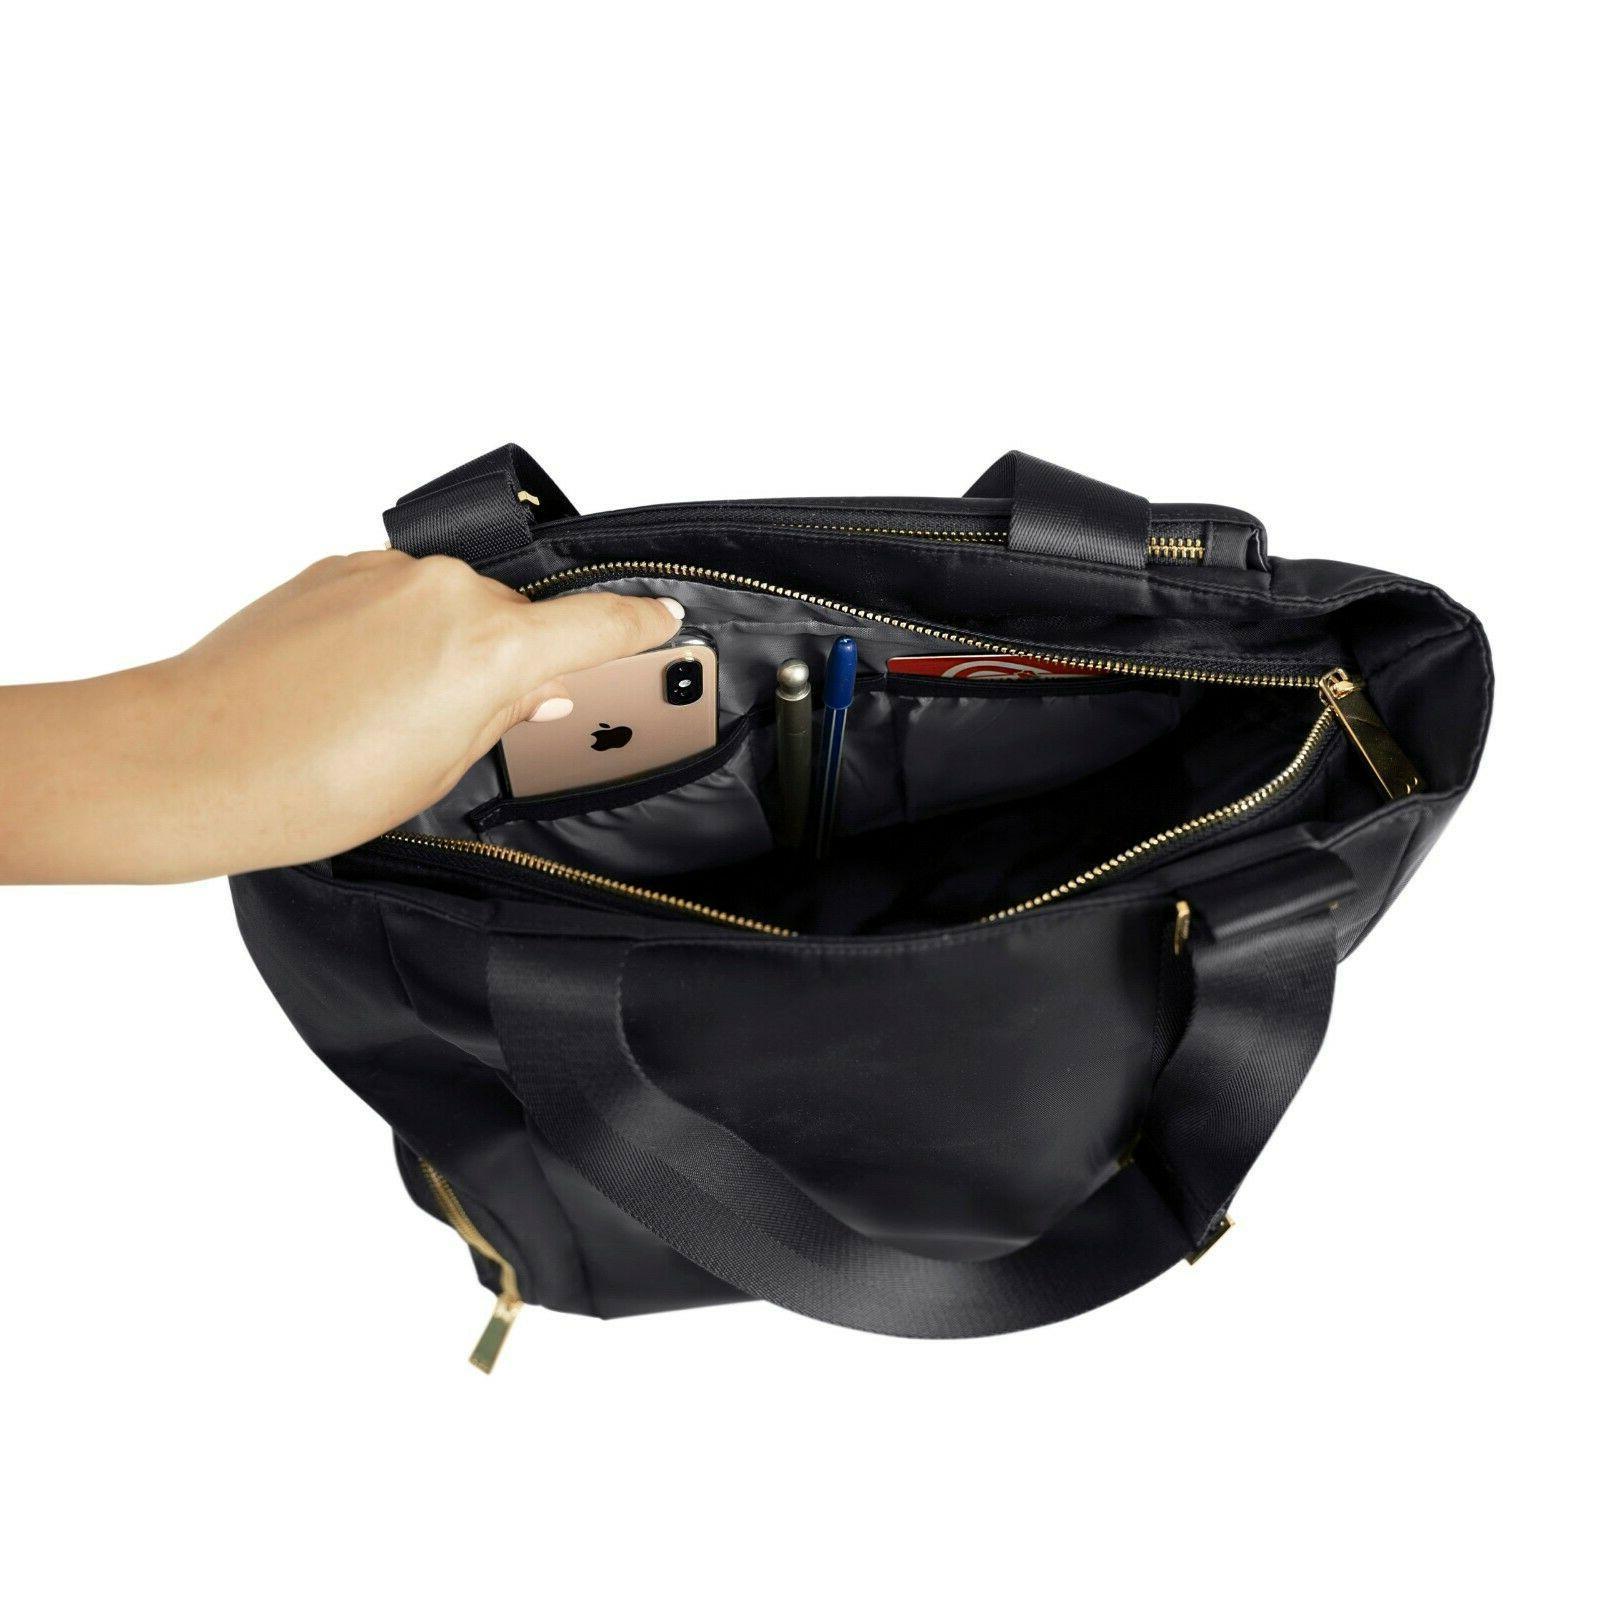 KIINDE pump bag- STARTER KIT